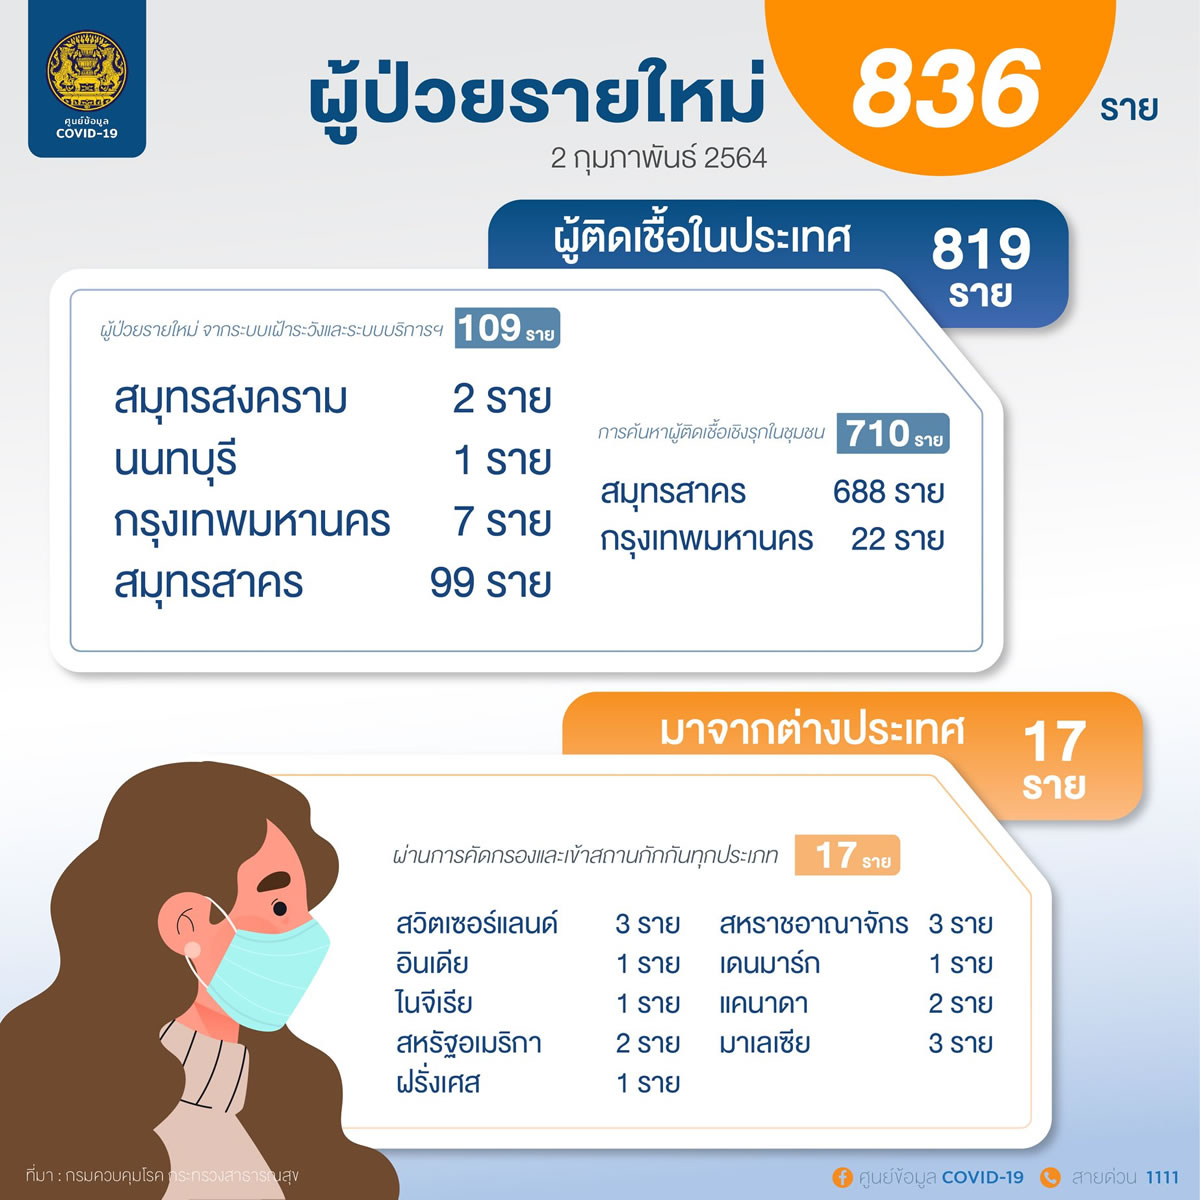 新規のタイ国内感染は819人、バンコク都でも29人確認[2021年2月2日発表]